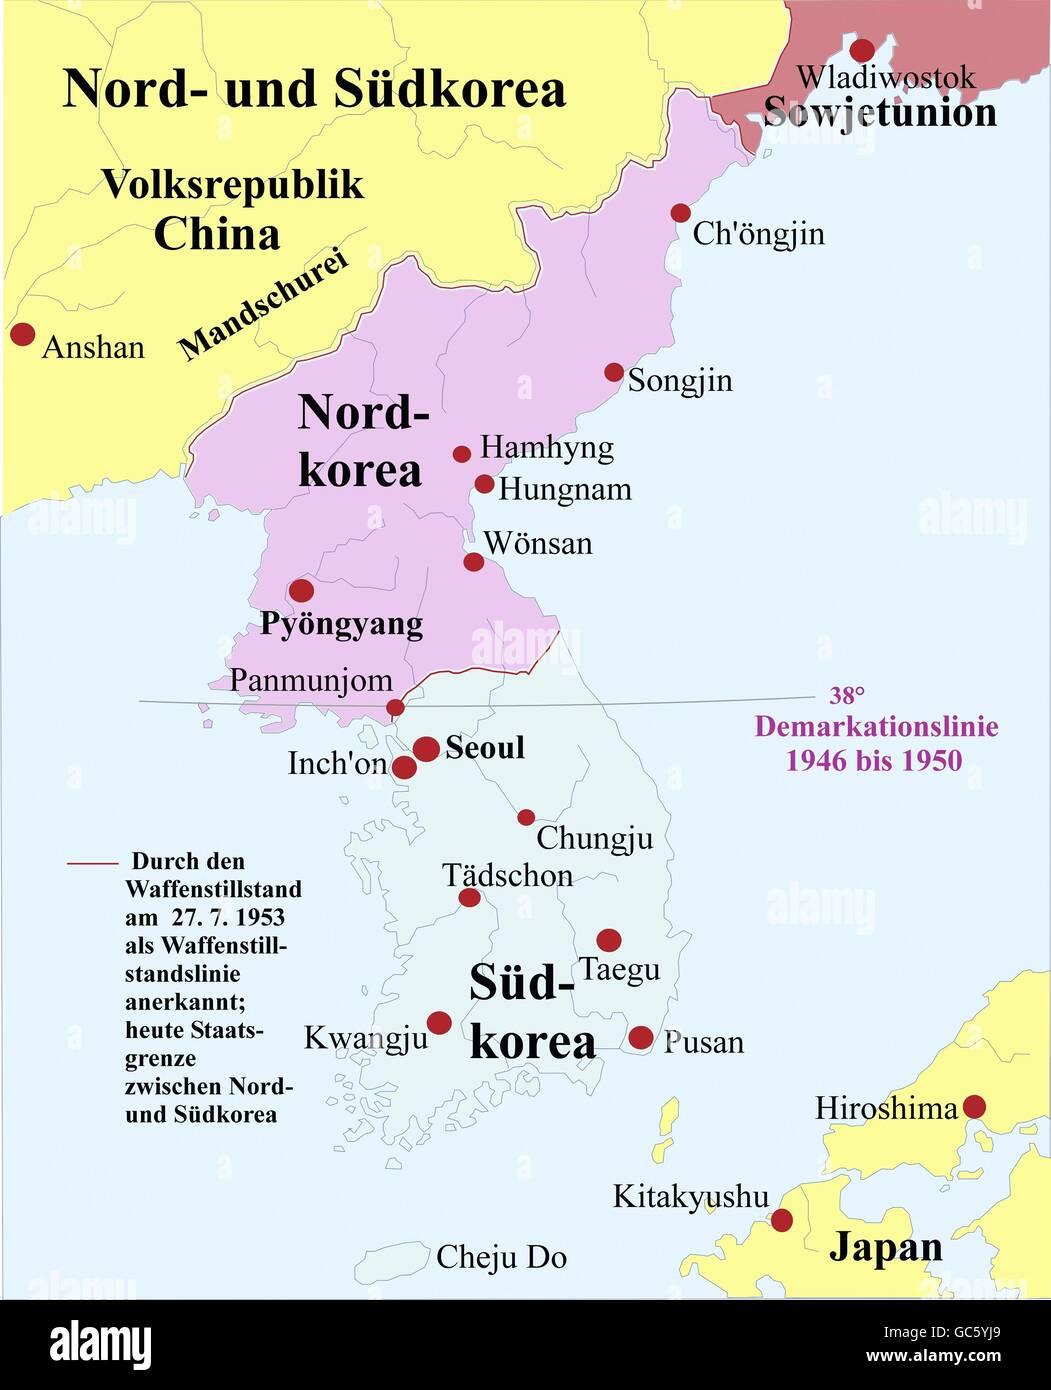 Kalter Krieg Karte.Carthography Historische Karten Moderne Zeiten Korea Abteilung